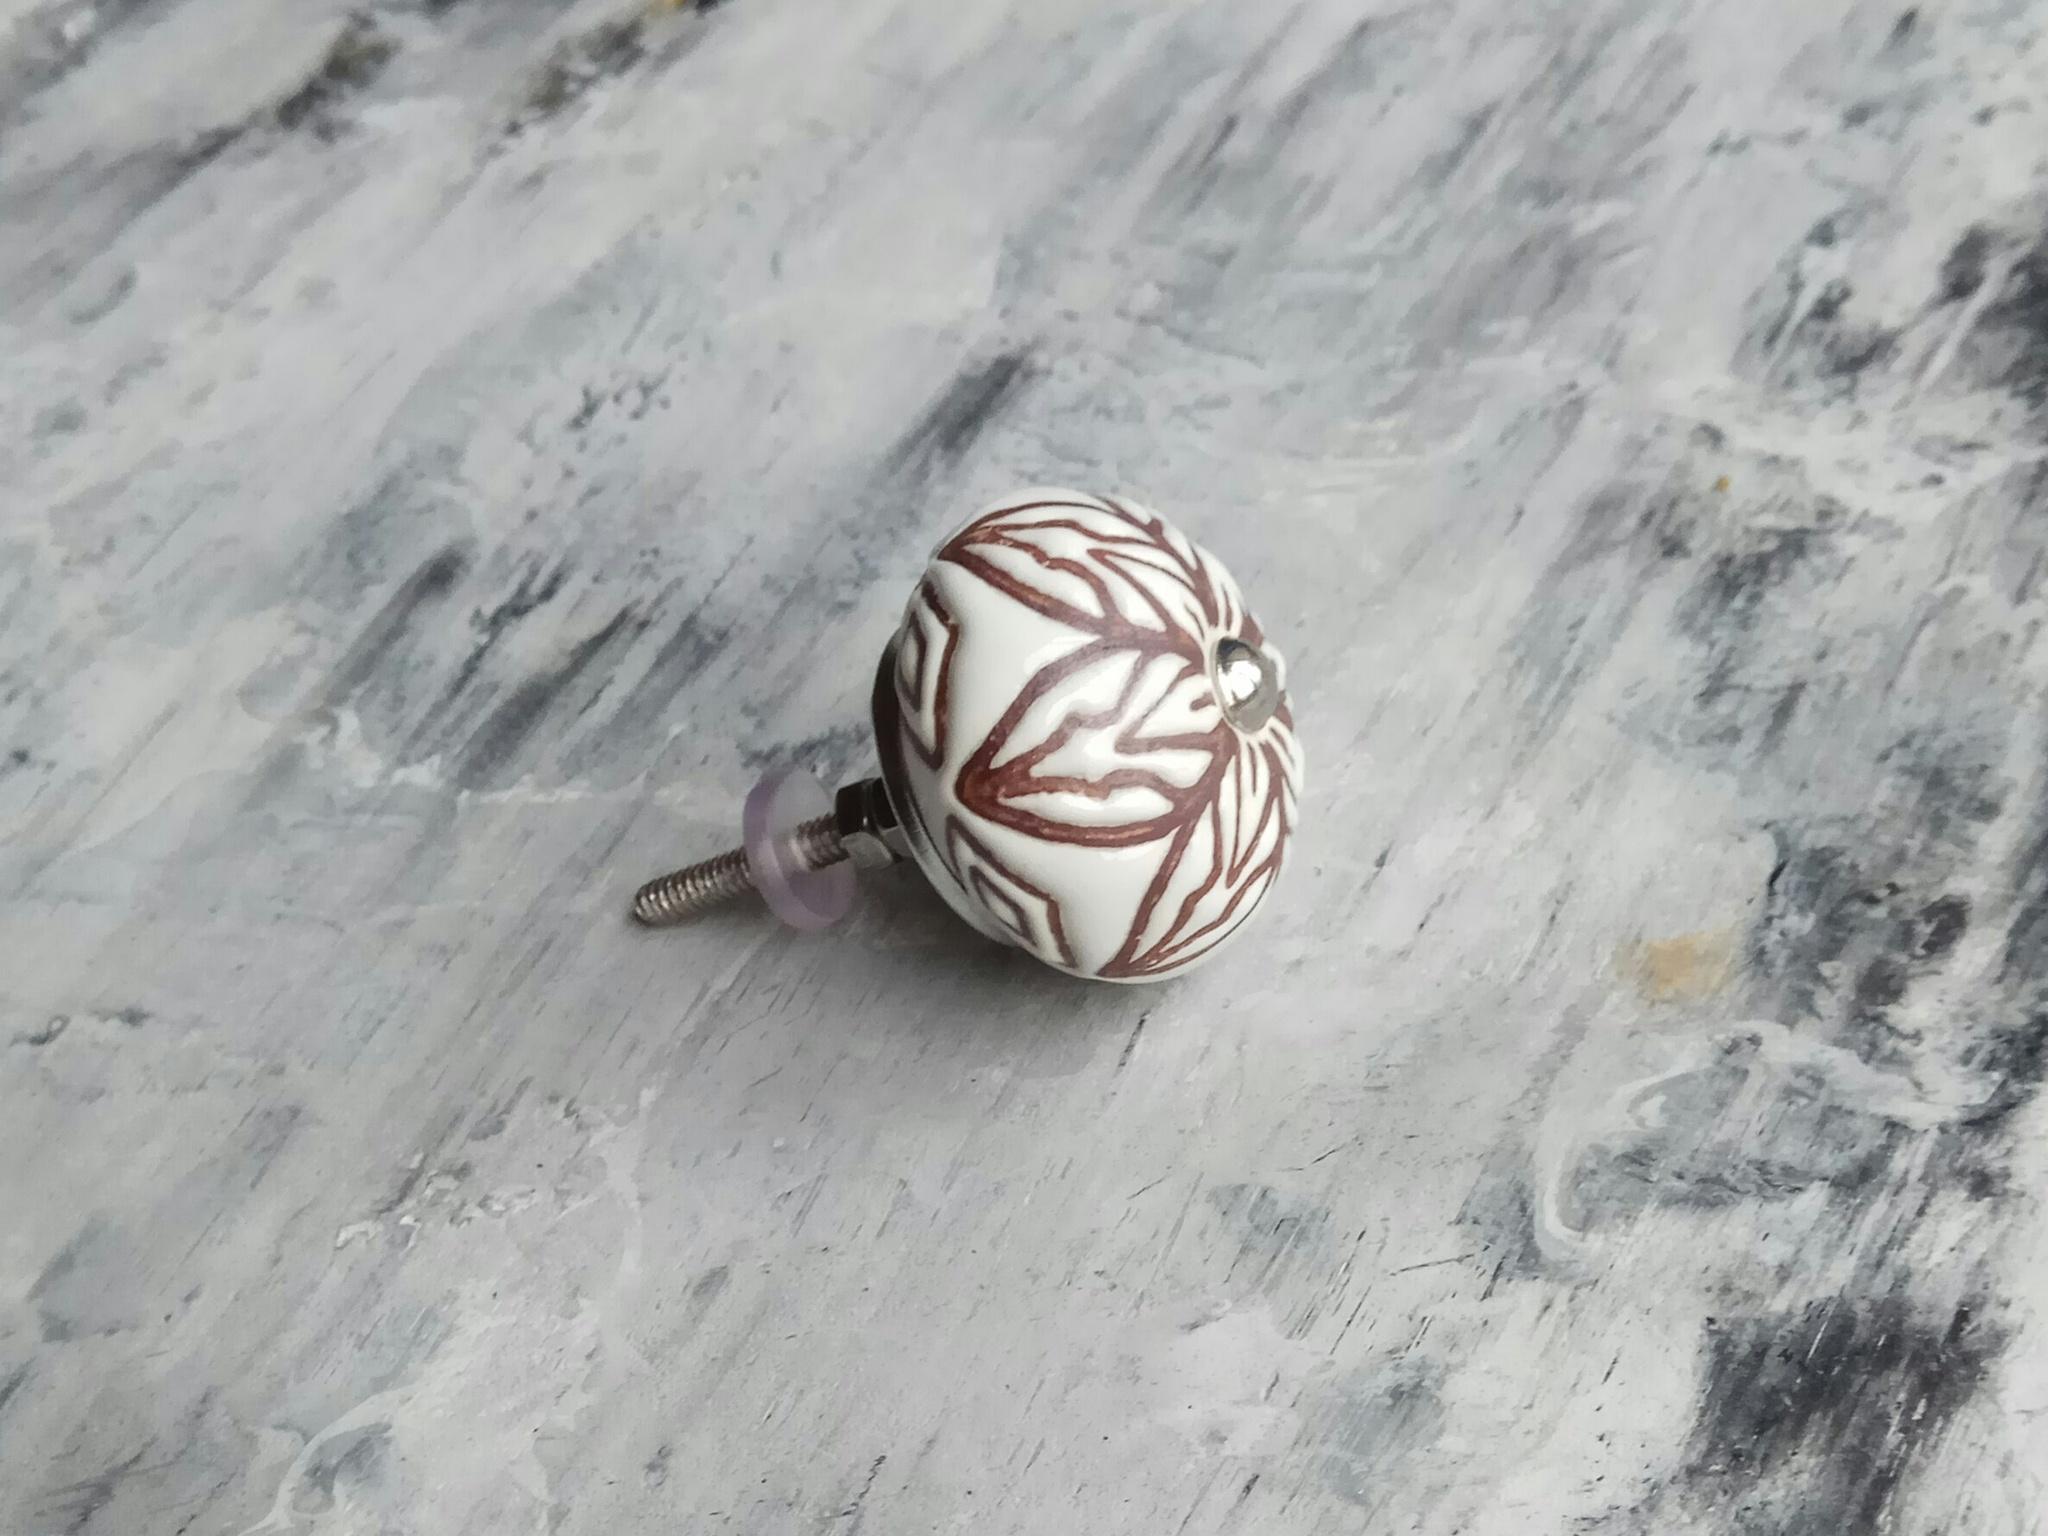 Ручка мебельная керамическая  - белая с цветочной гравировкой, арт. 00001009